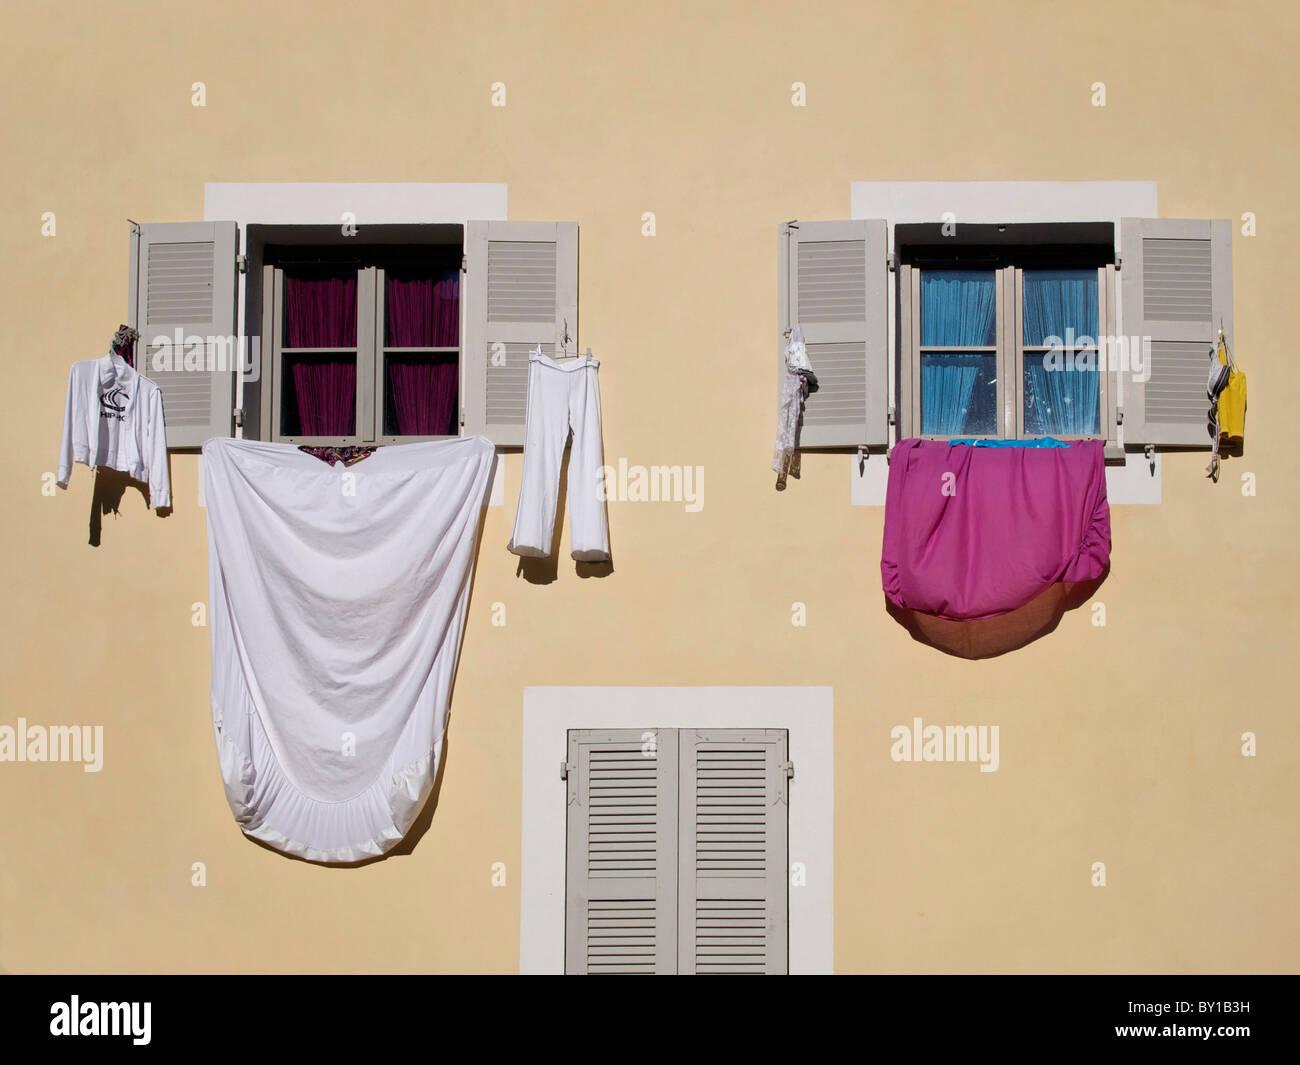 Sábanas y secado de ropa colgando de las ventanas de una casa en una calle en el sur de Francia. Imagen De Stock